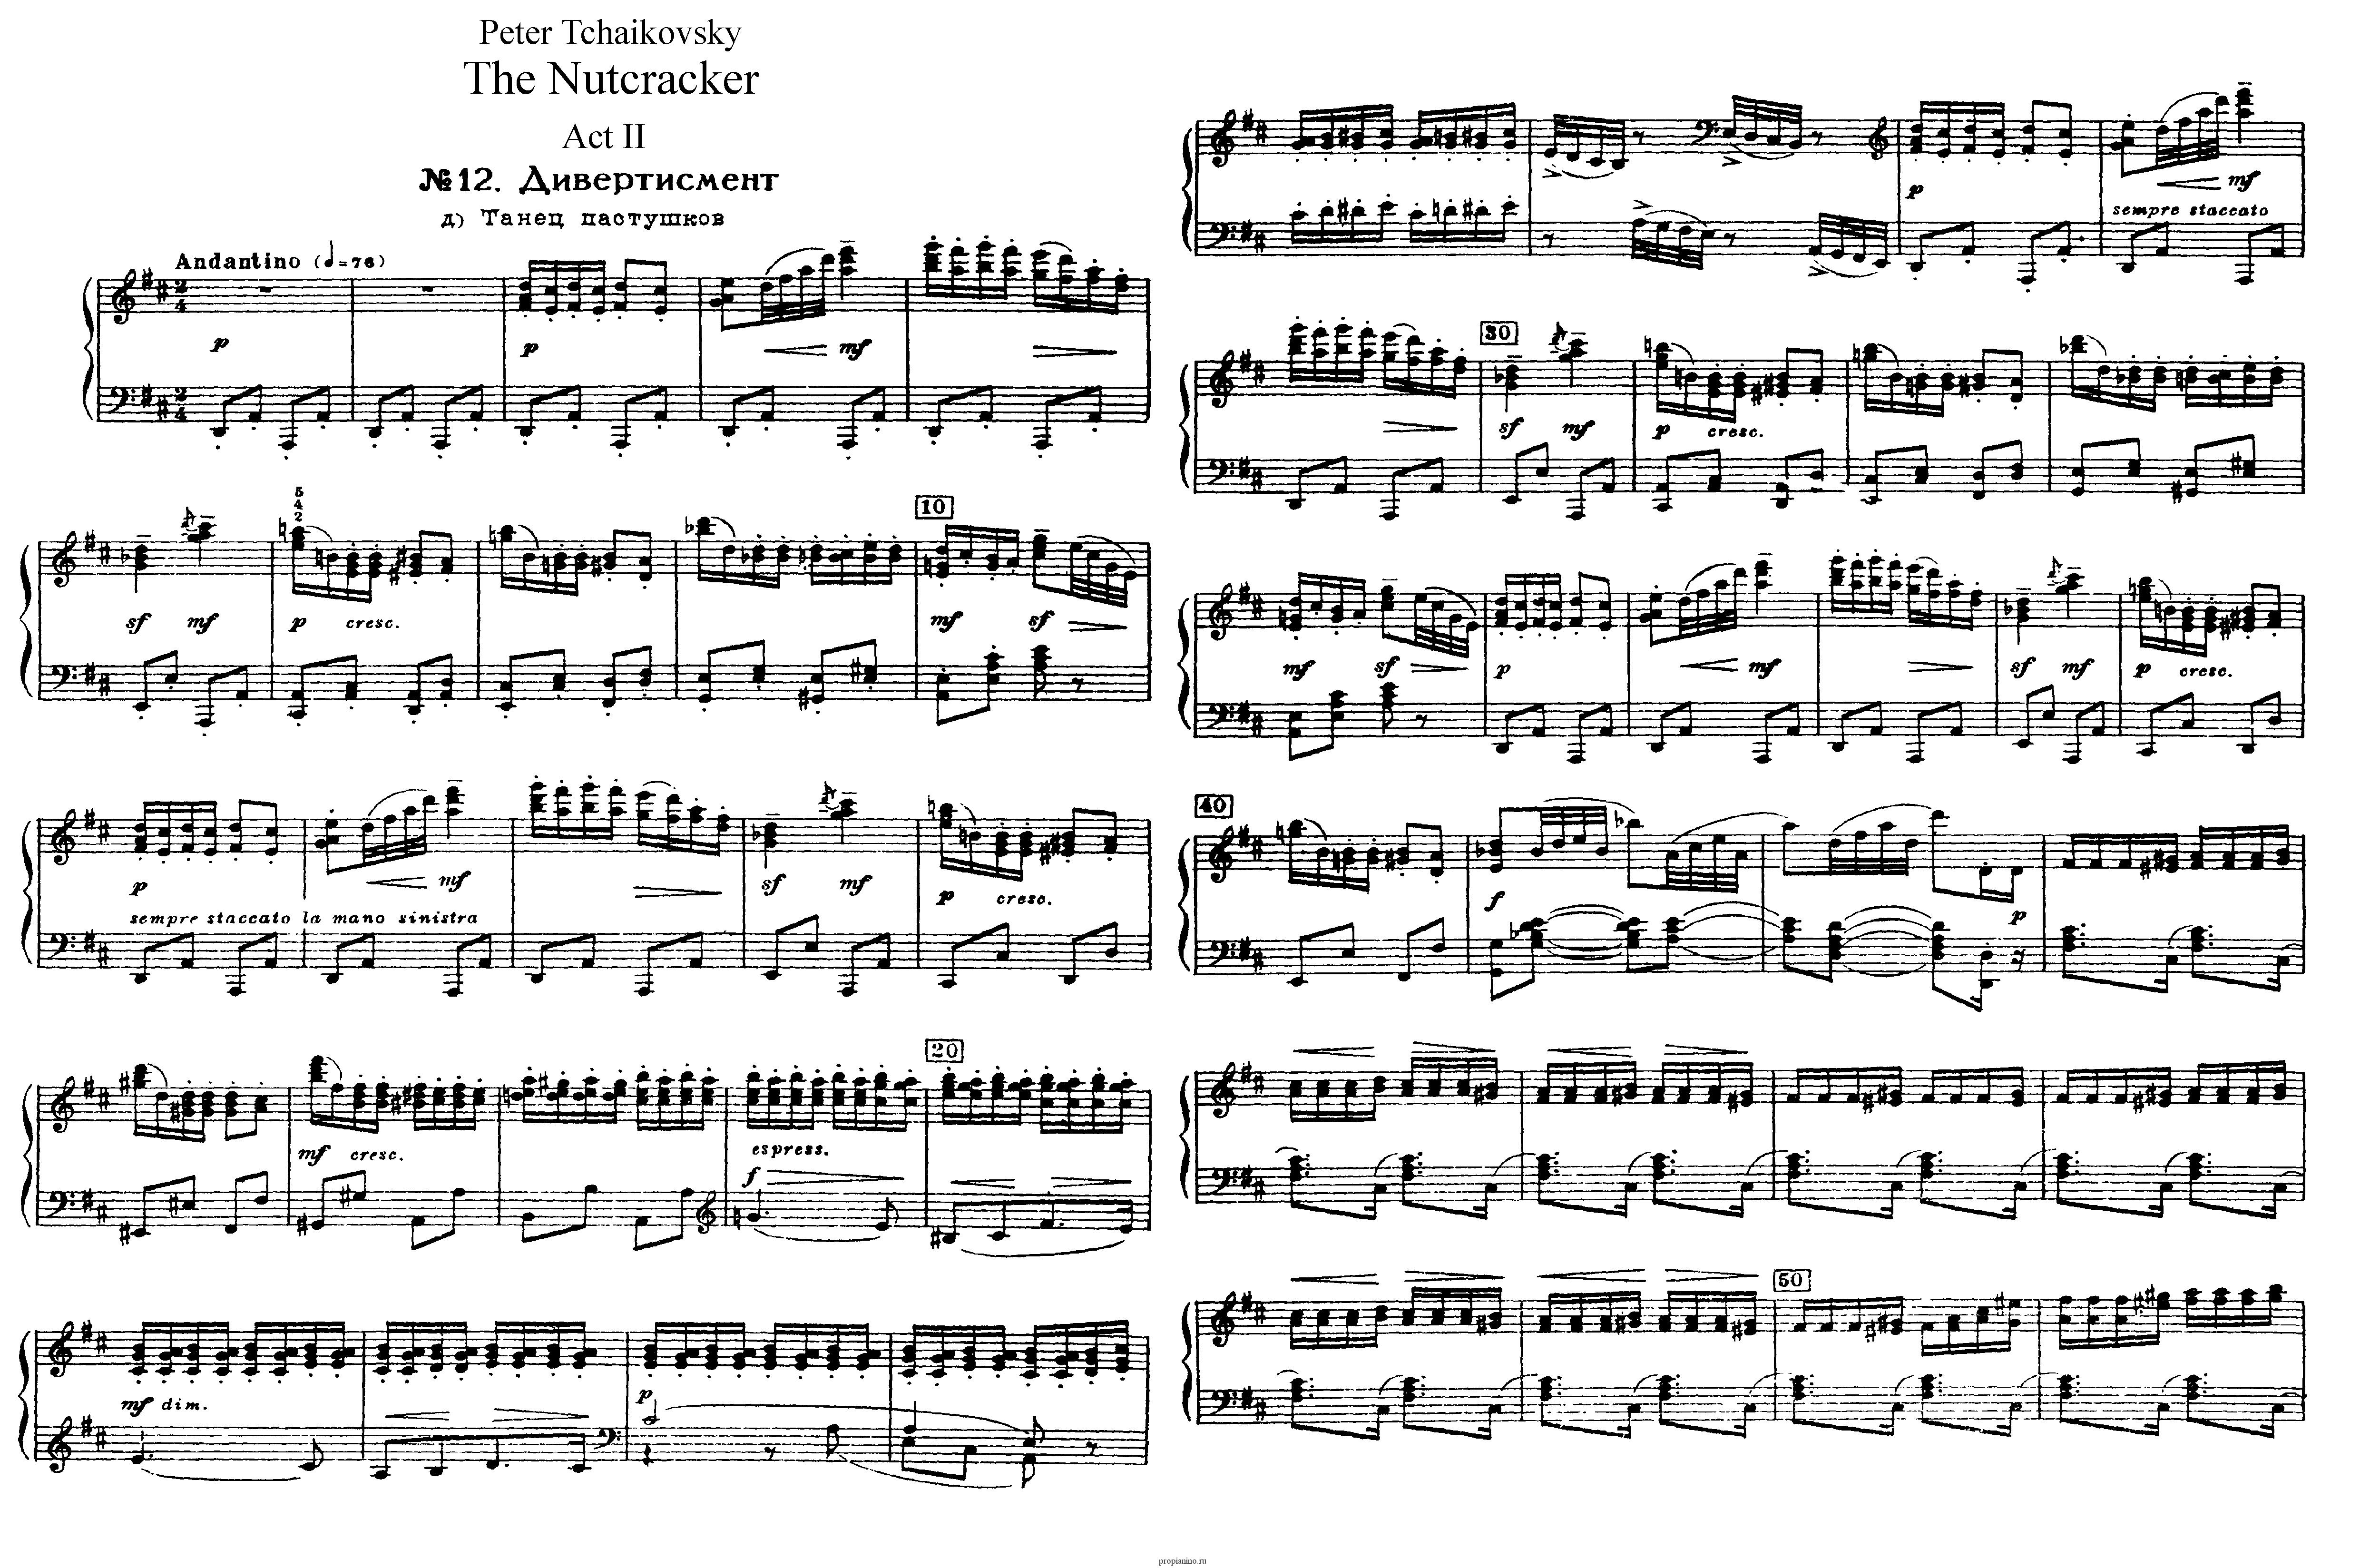 """Балет """"Щелкунчик"""" П.И. Чайковского акт 2 № 12 Дивертисмент (Танец пастушков): ноты"""